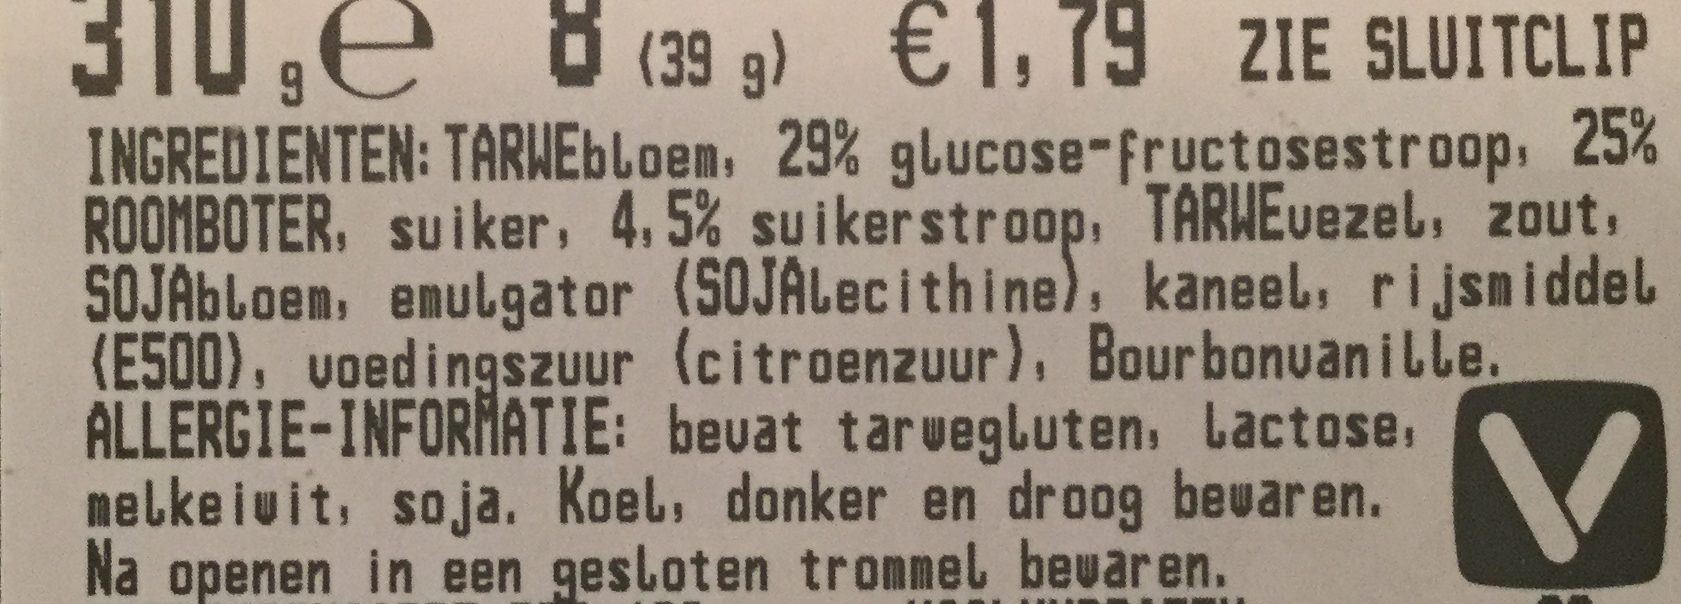 Stroopwafels - Ingredients - nl